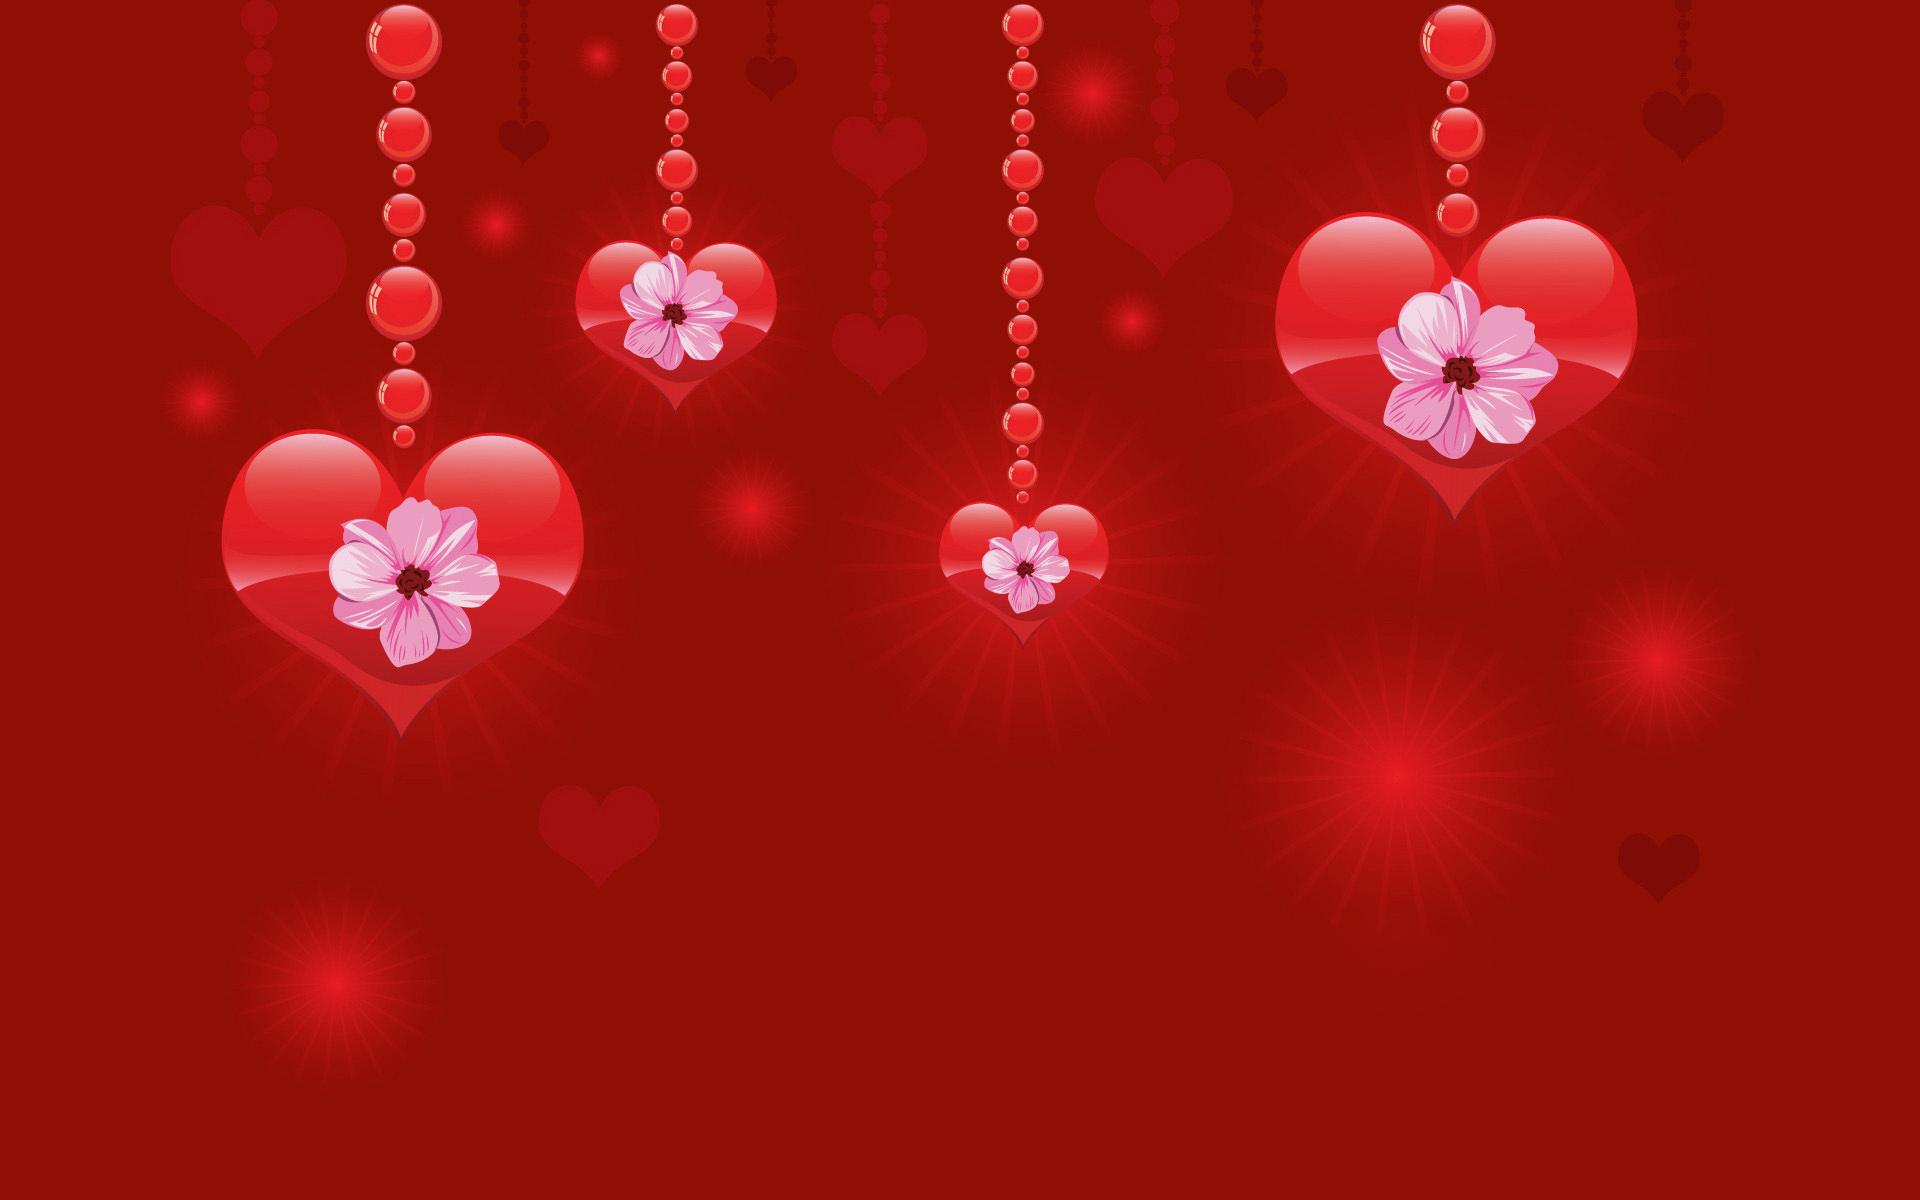 happy valentines day wallpaper desktop which is under the valentines 1920x1200